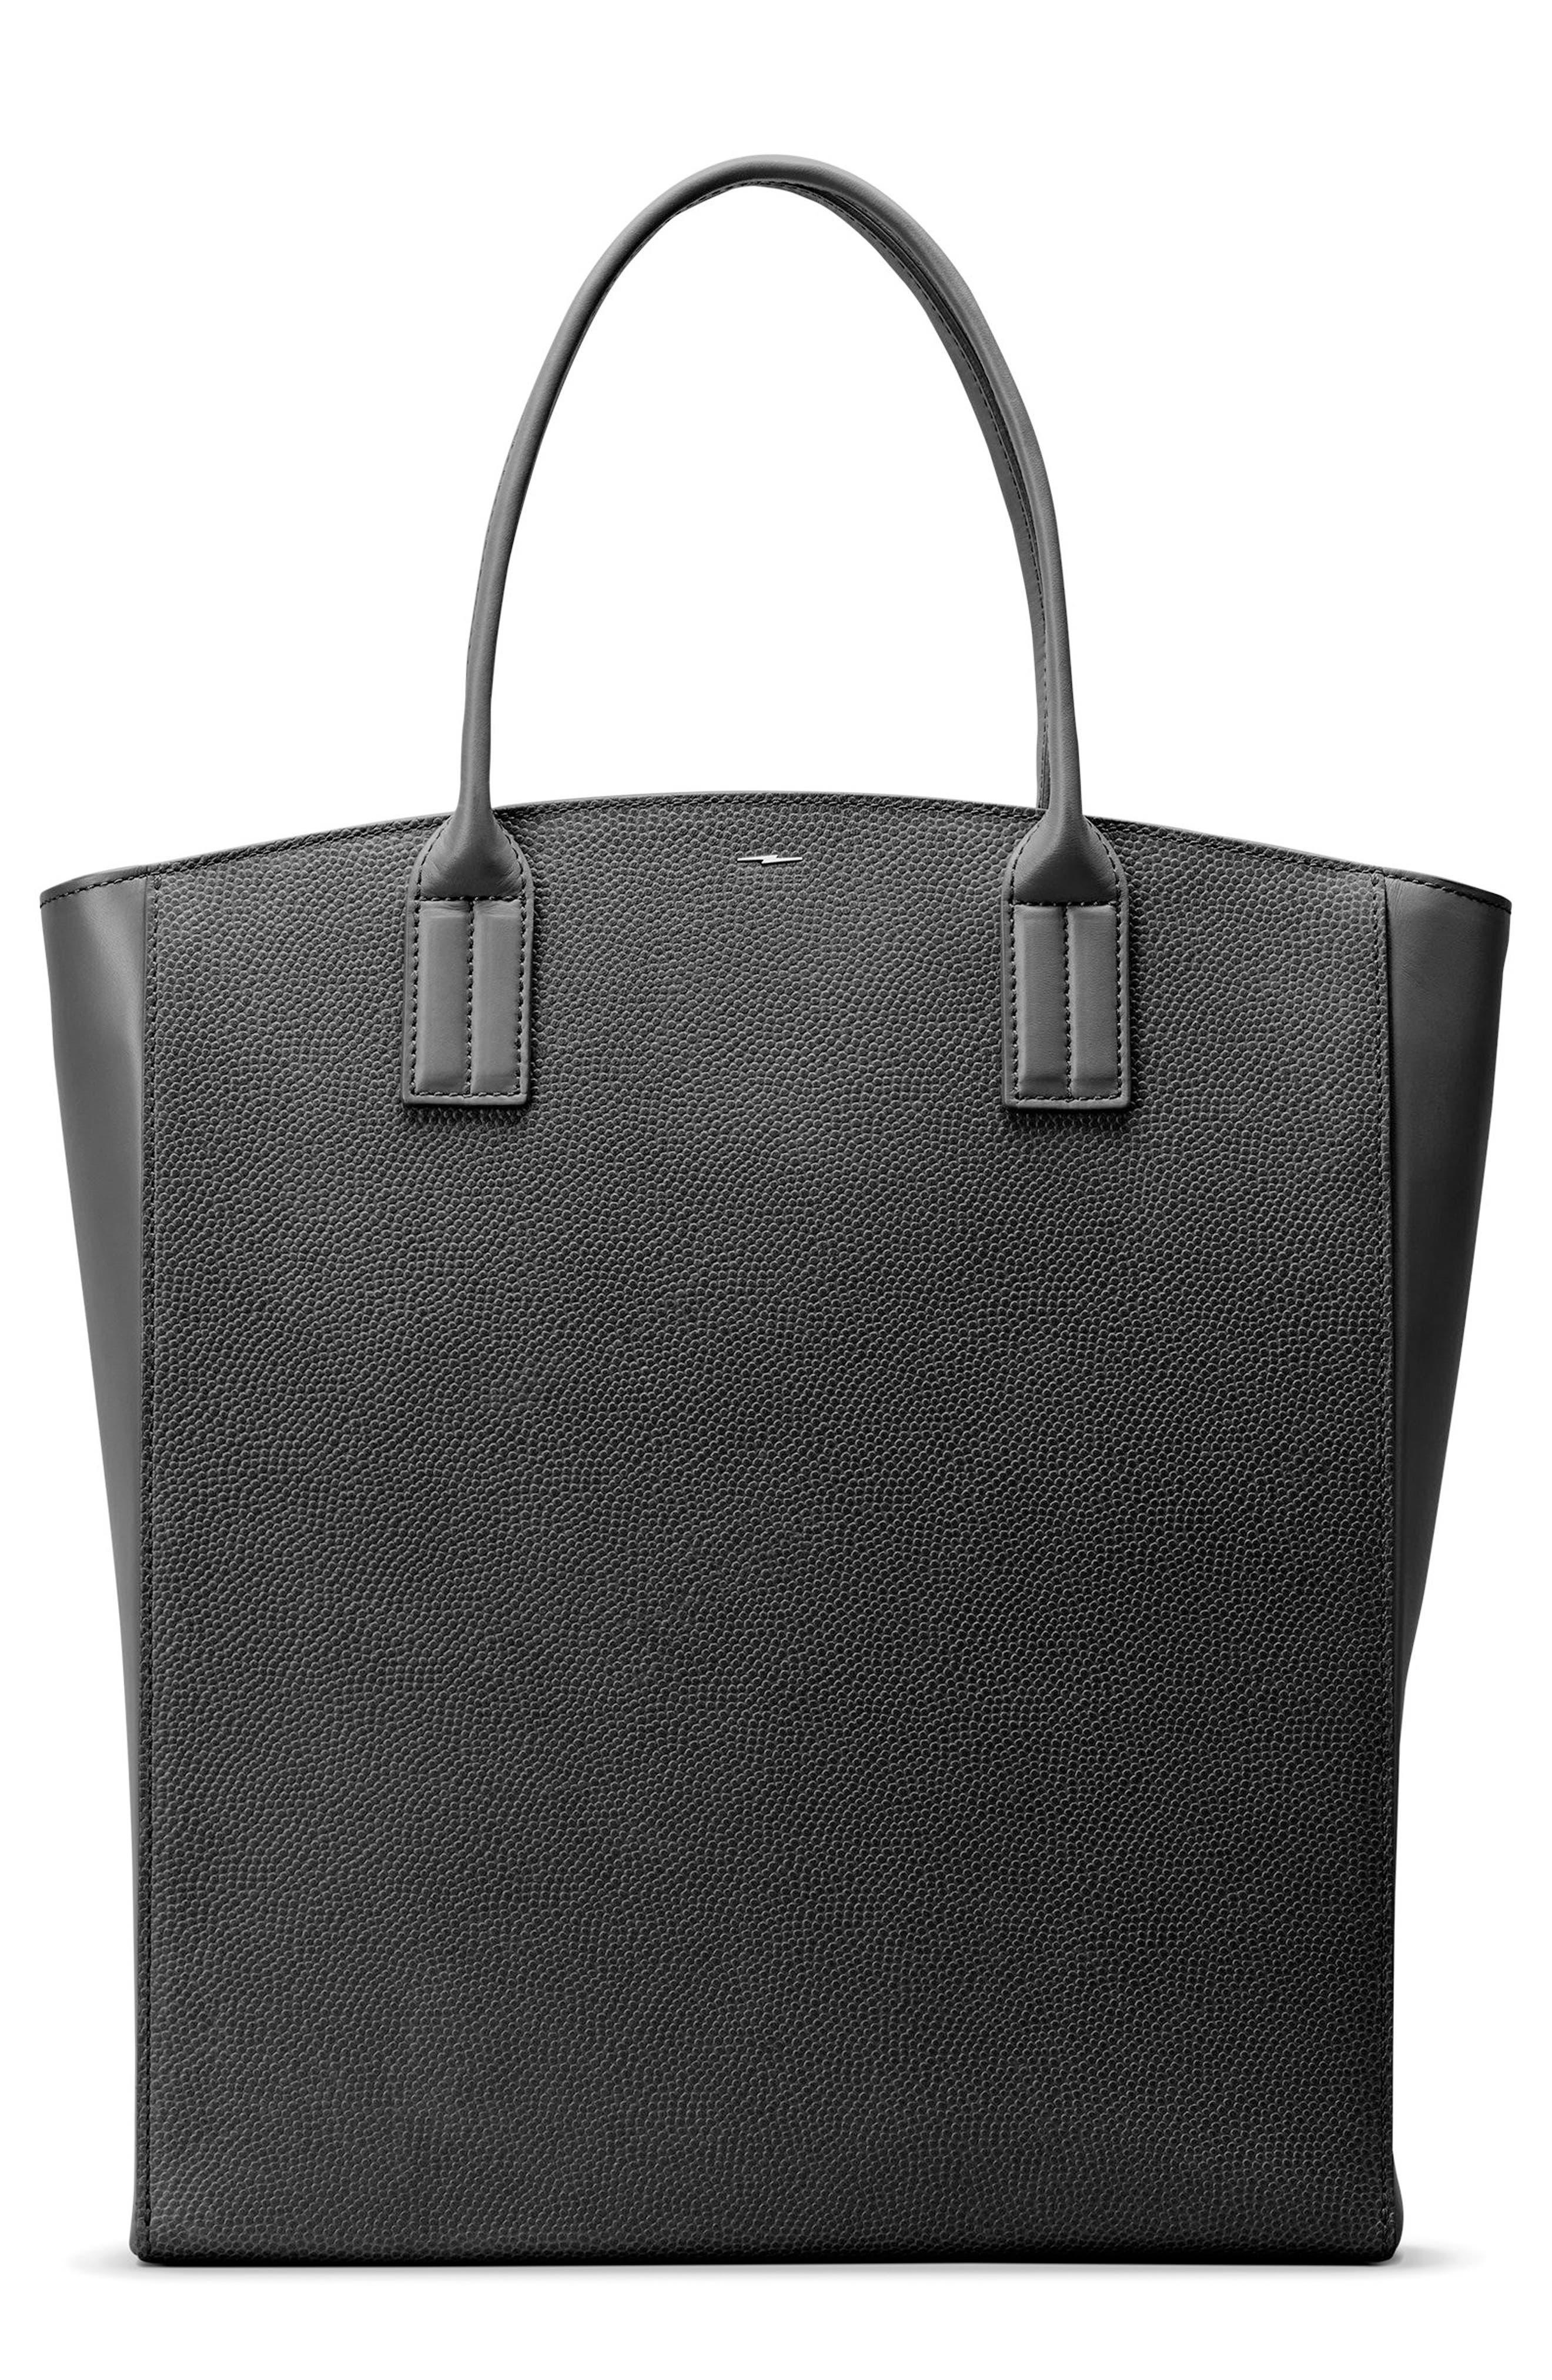 Latigo Leather Tote,                         Main,                         color, Black